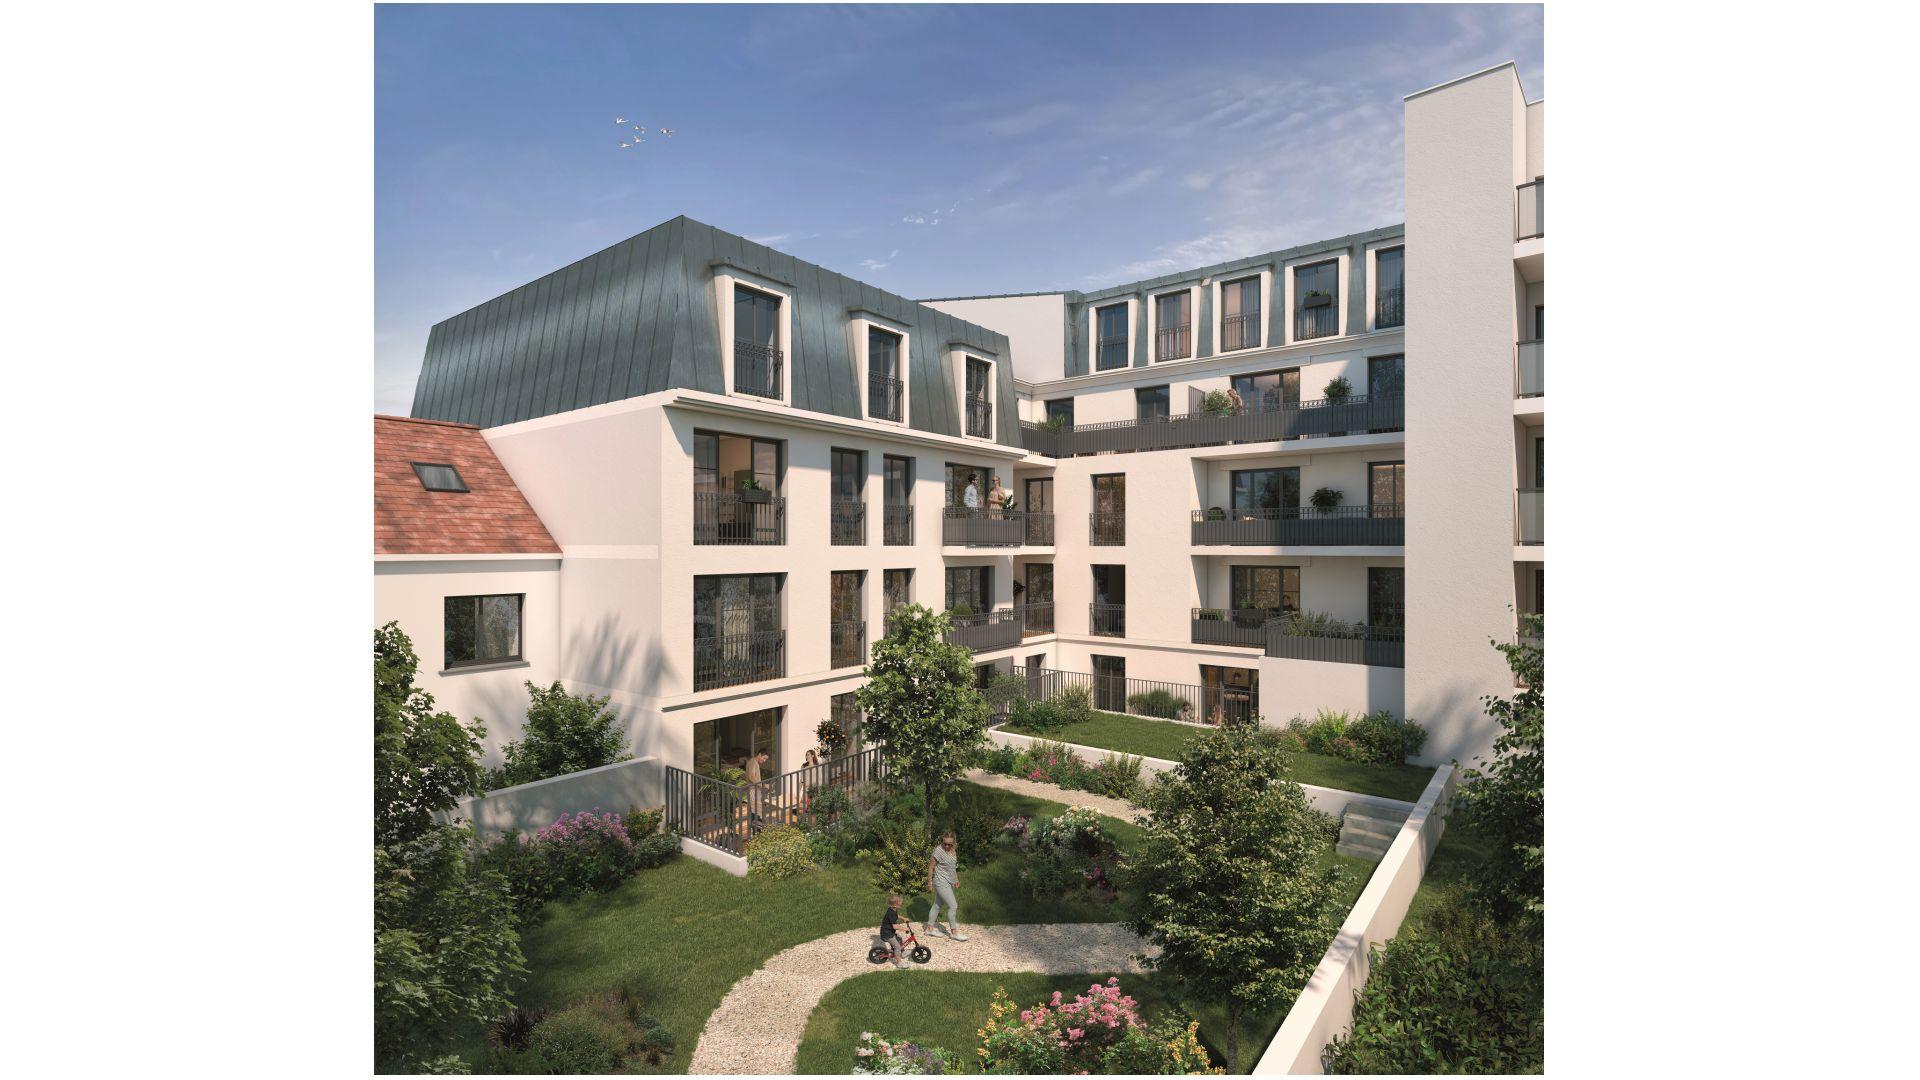 Greencity Immobilier - Cours Boileau - achat appartements neufs du T1 au T5 - Aulnay-sous-Bois - 93600 - vue jardin